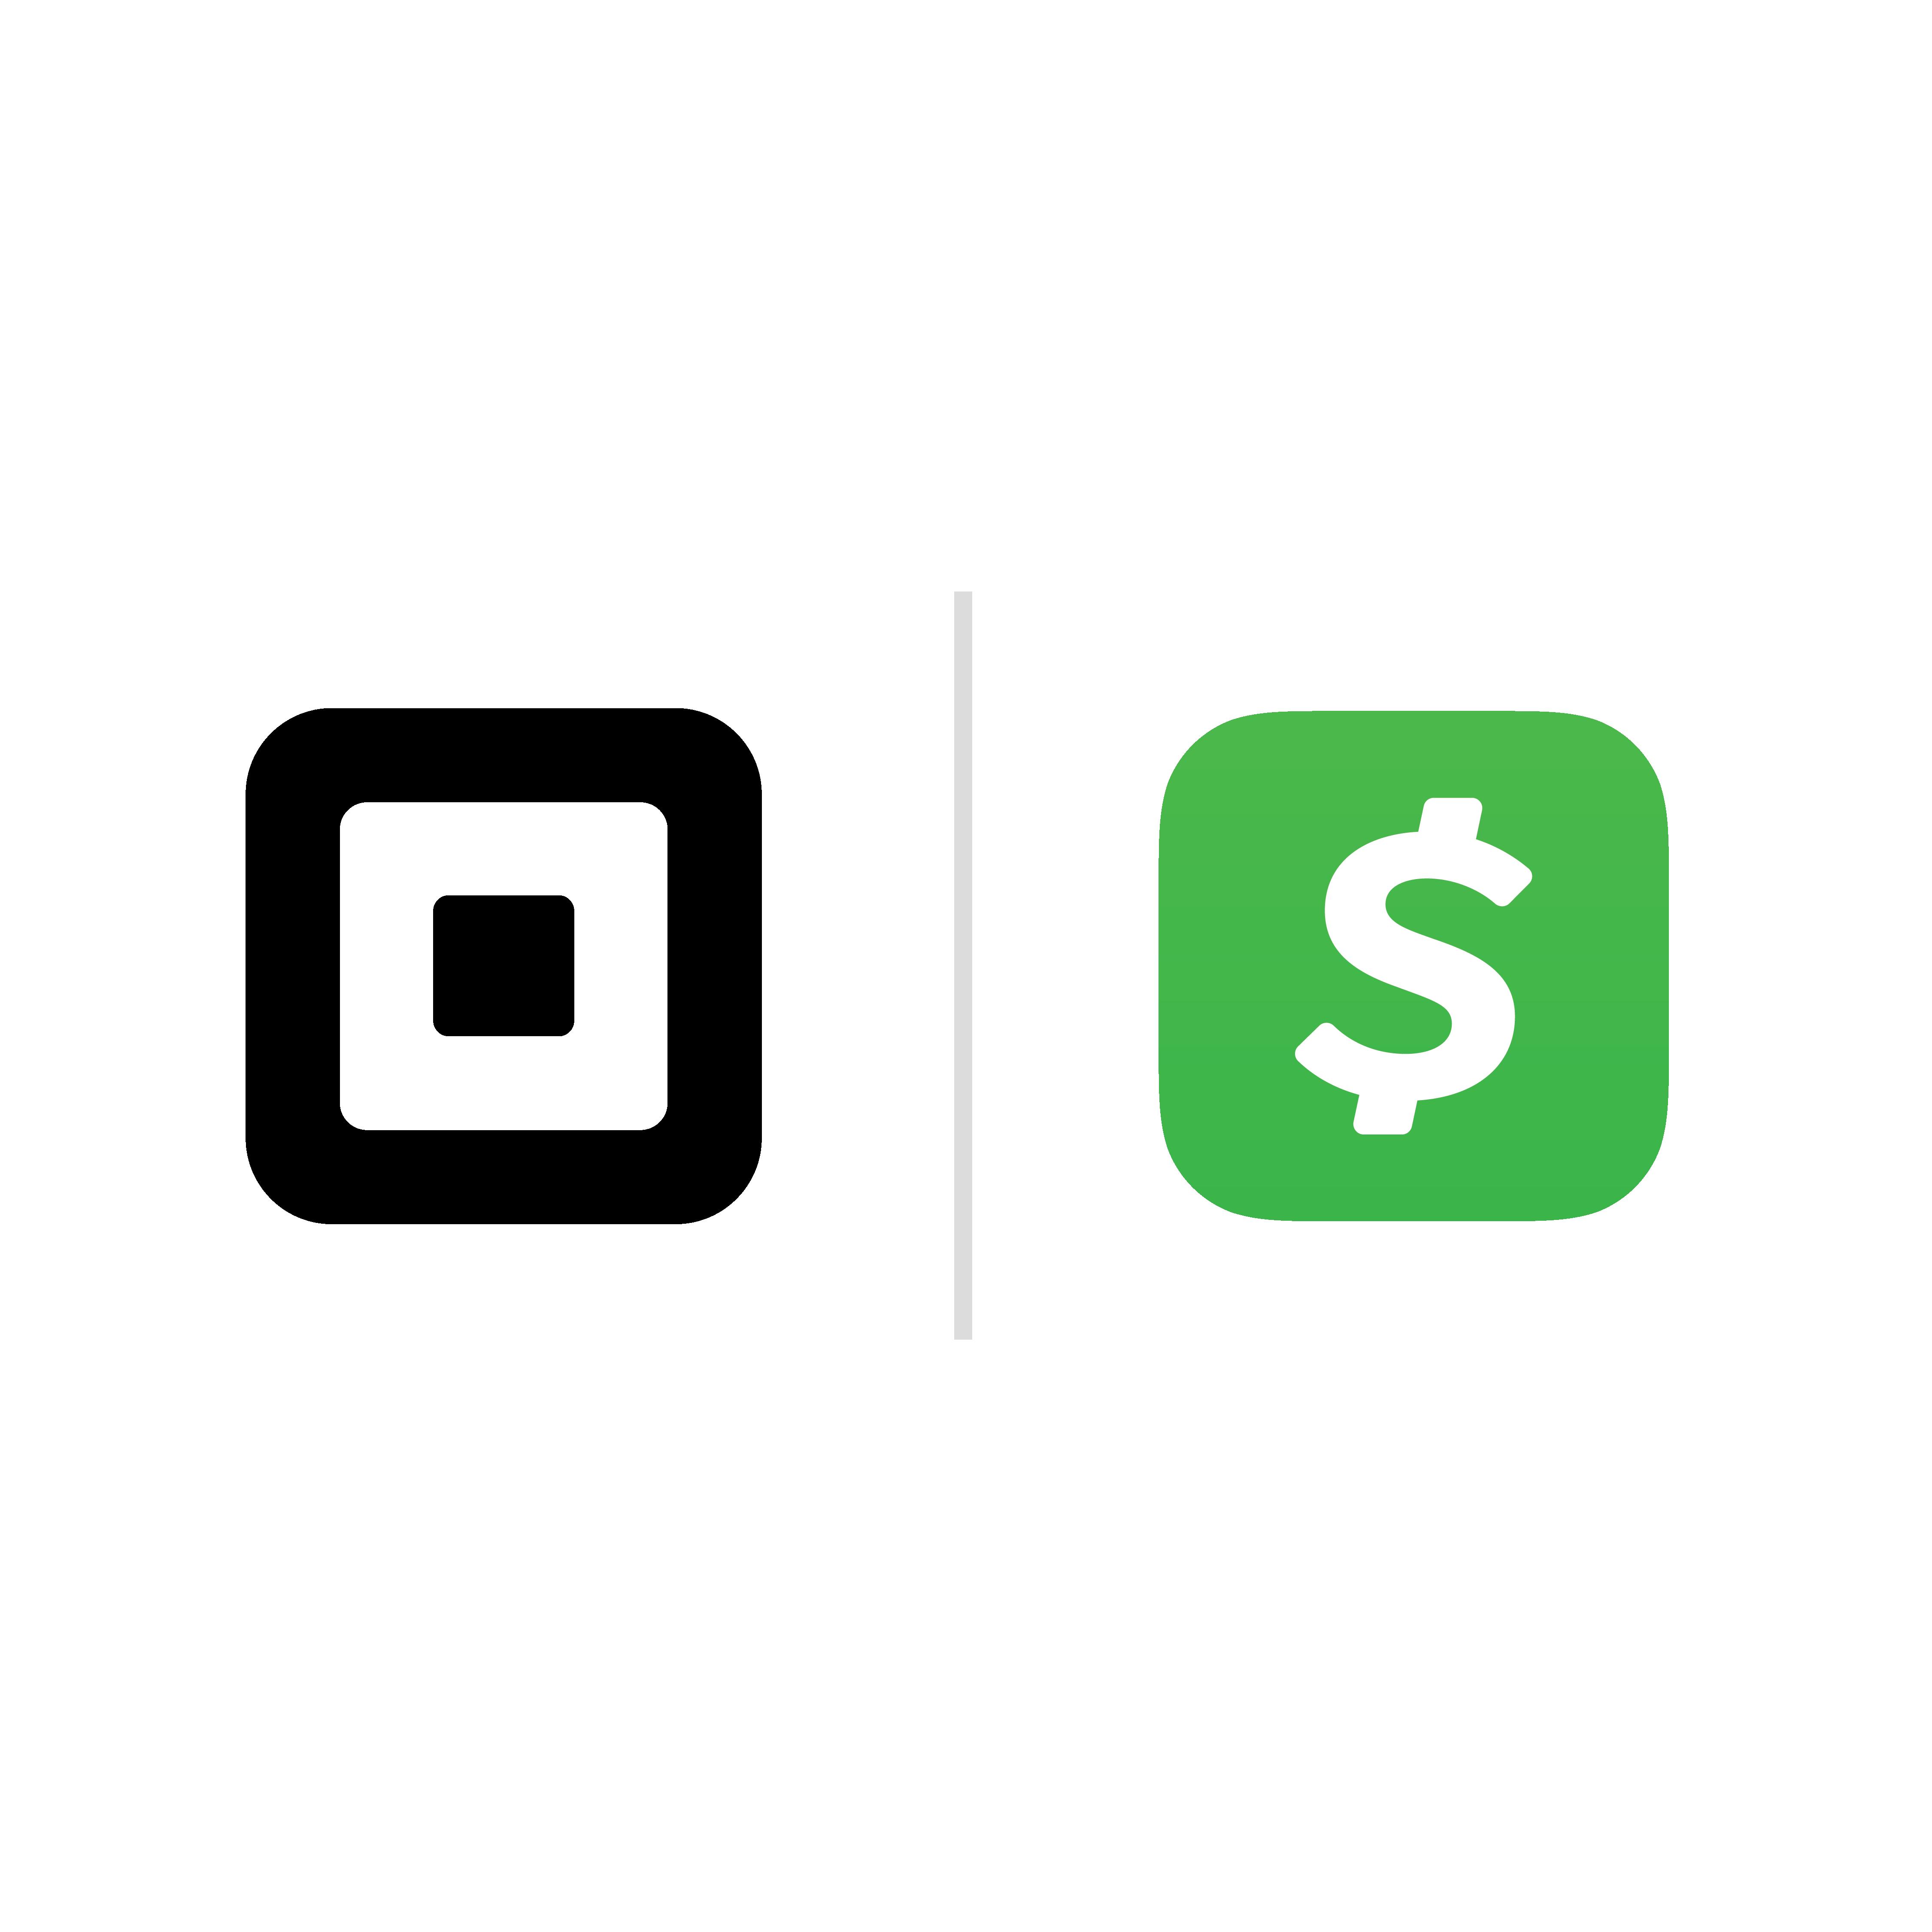 Square + Cash App